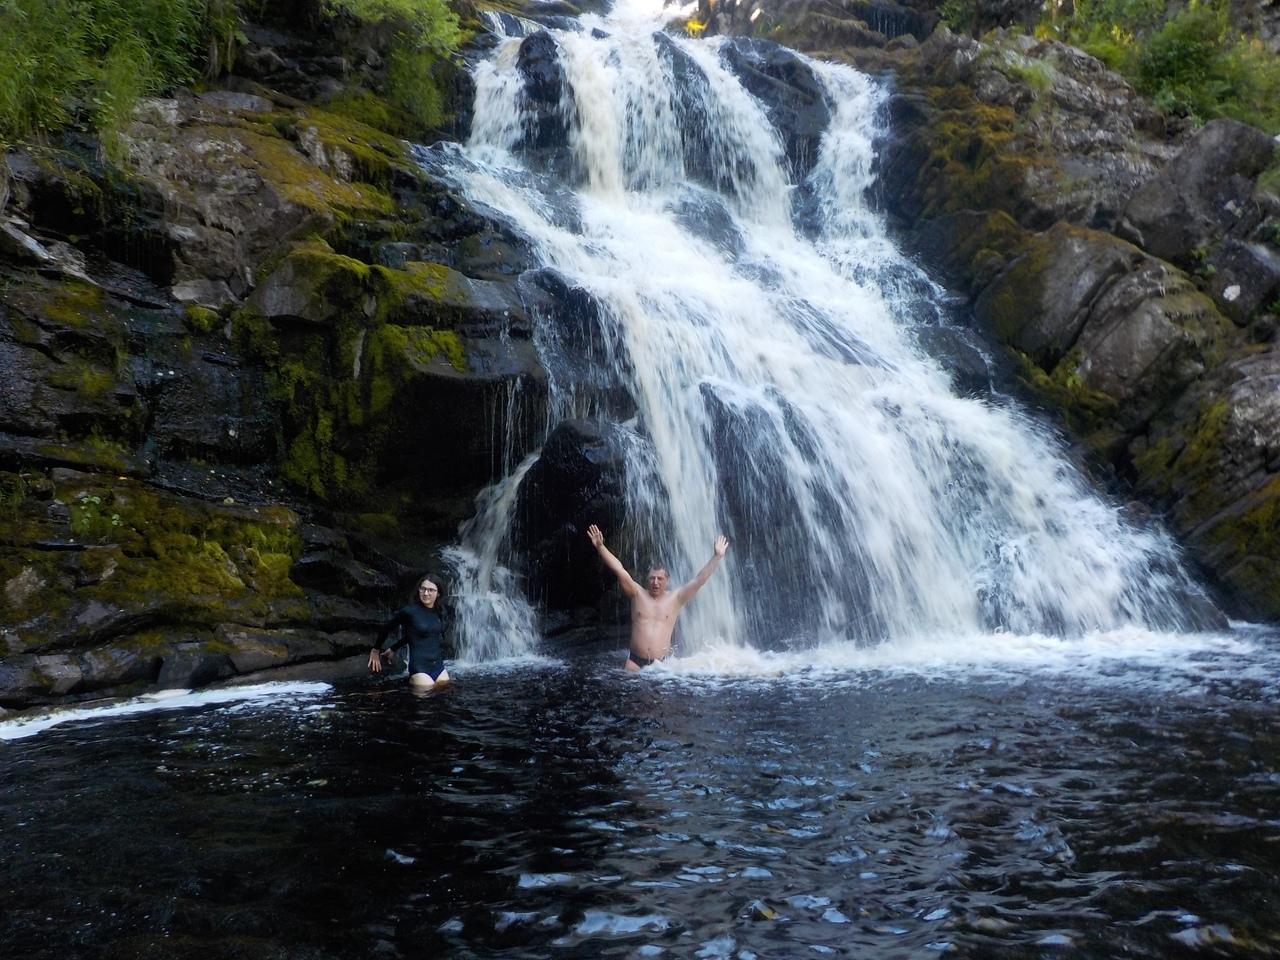 Однодневная поездка в Карелию. Двойной водопад Юканкоски (